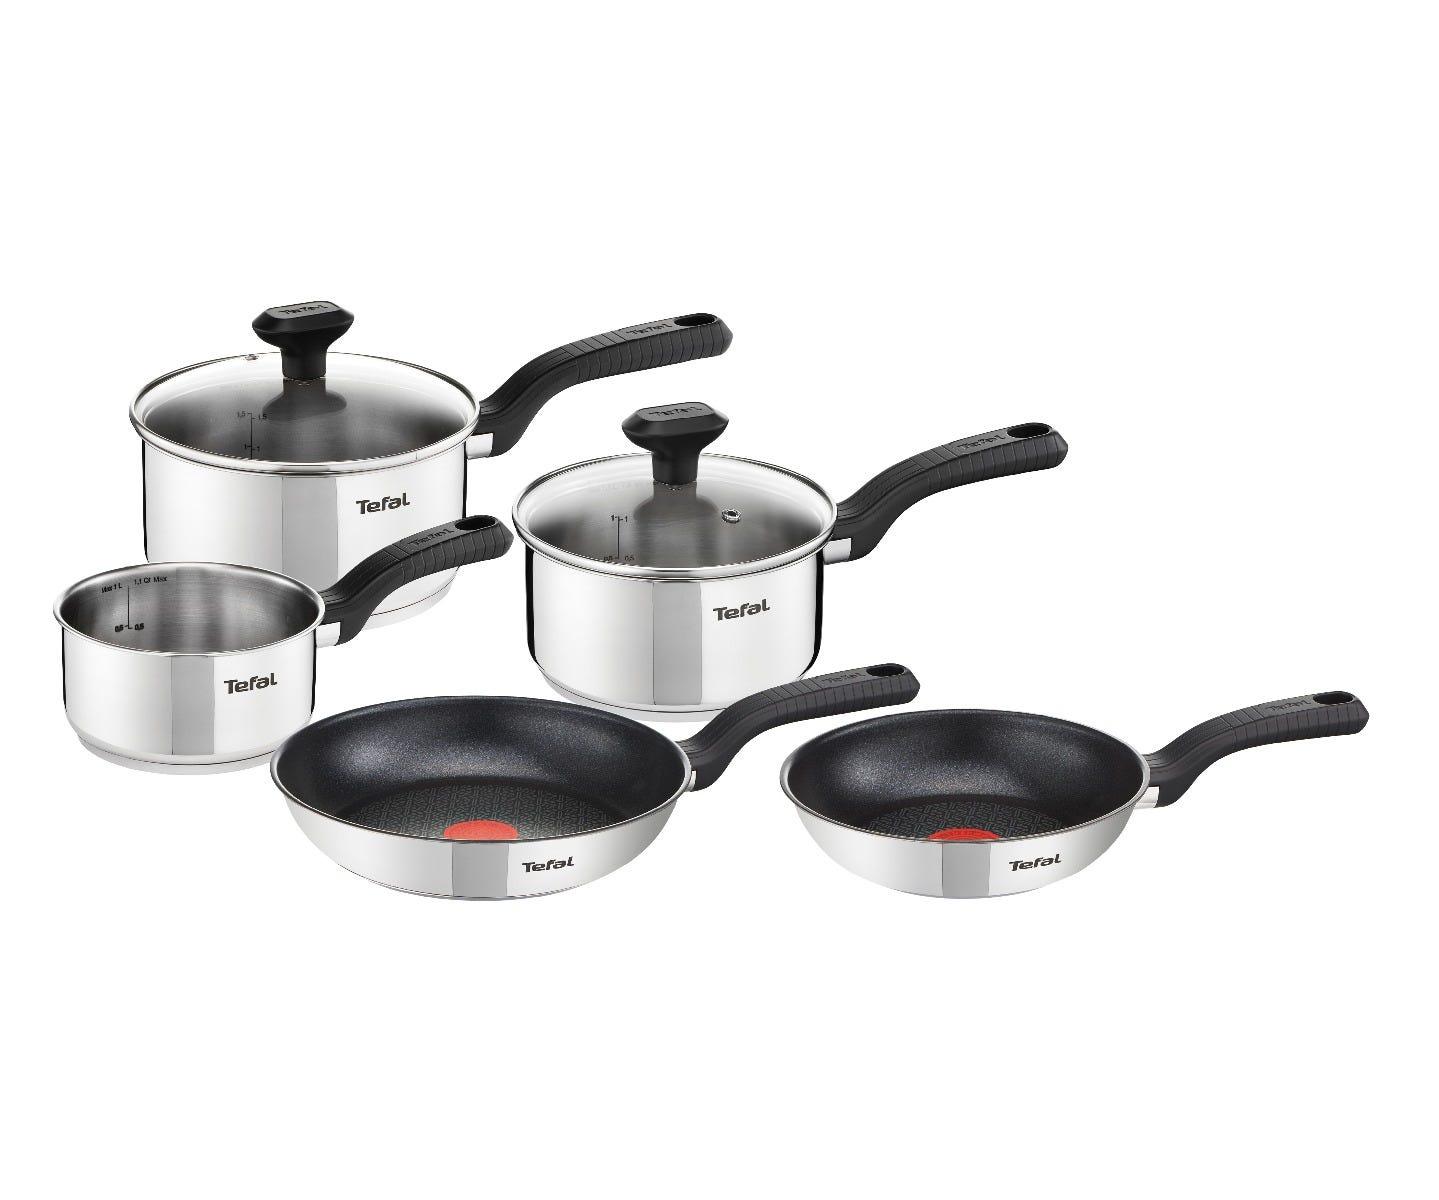 Tefal stainless steel pan set